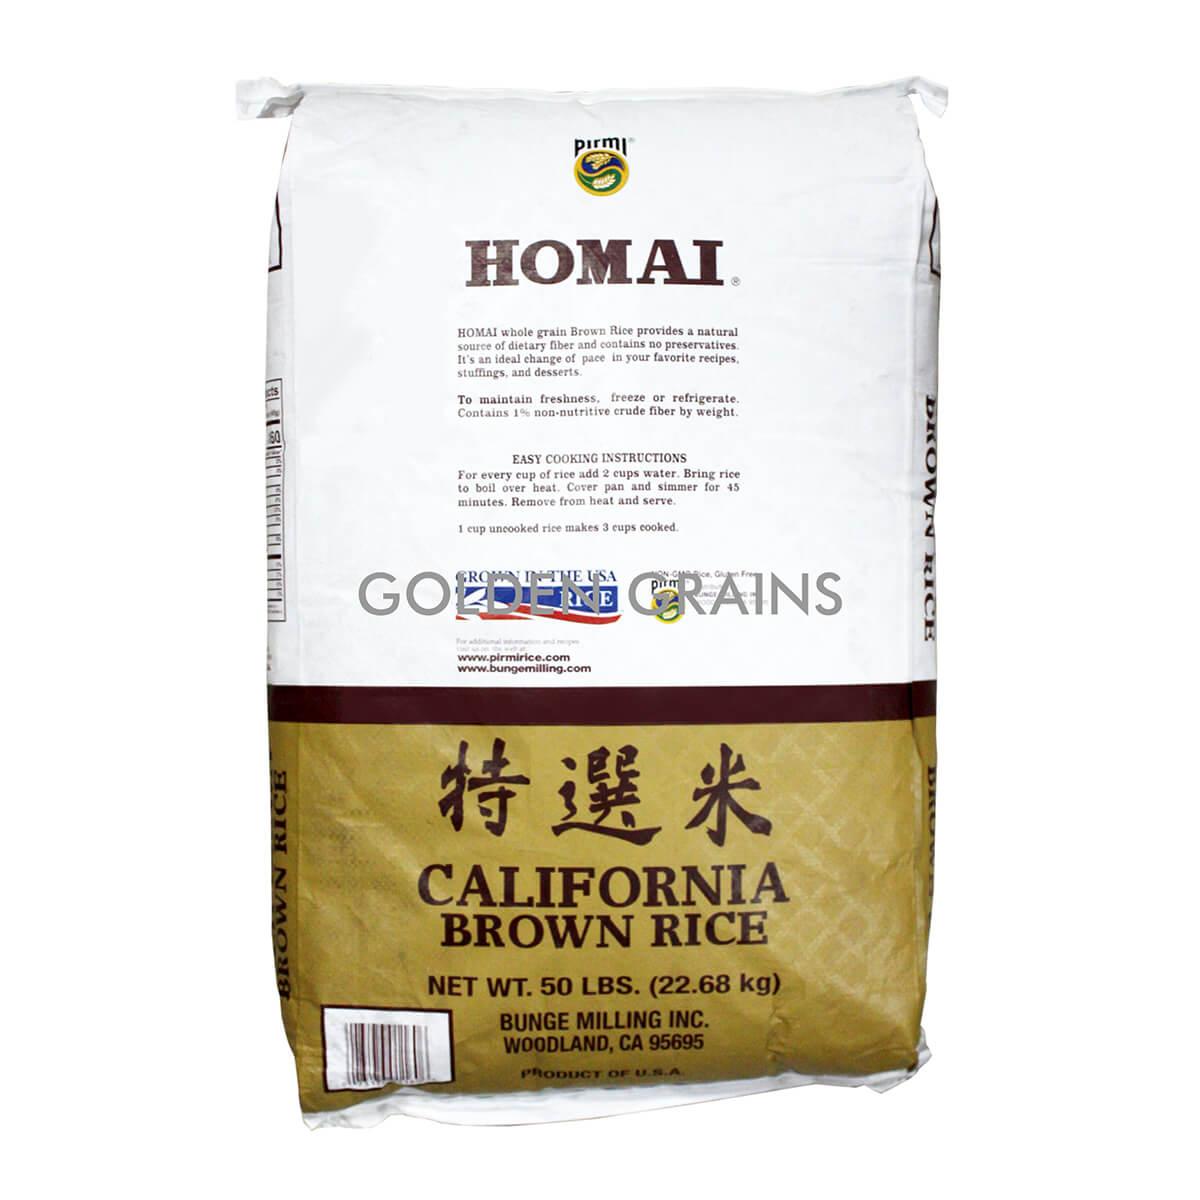 Golden Grains Homai - Cali Brown Rice 22.68KG - Back.jpg